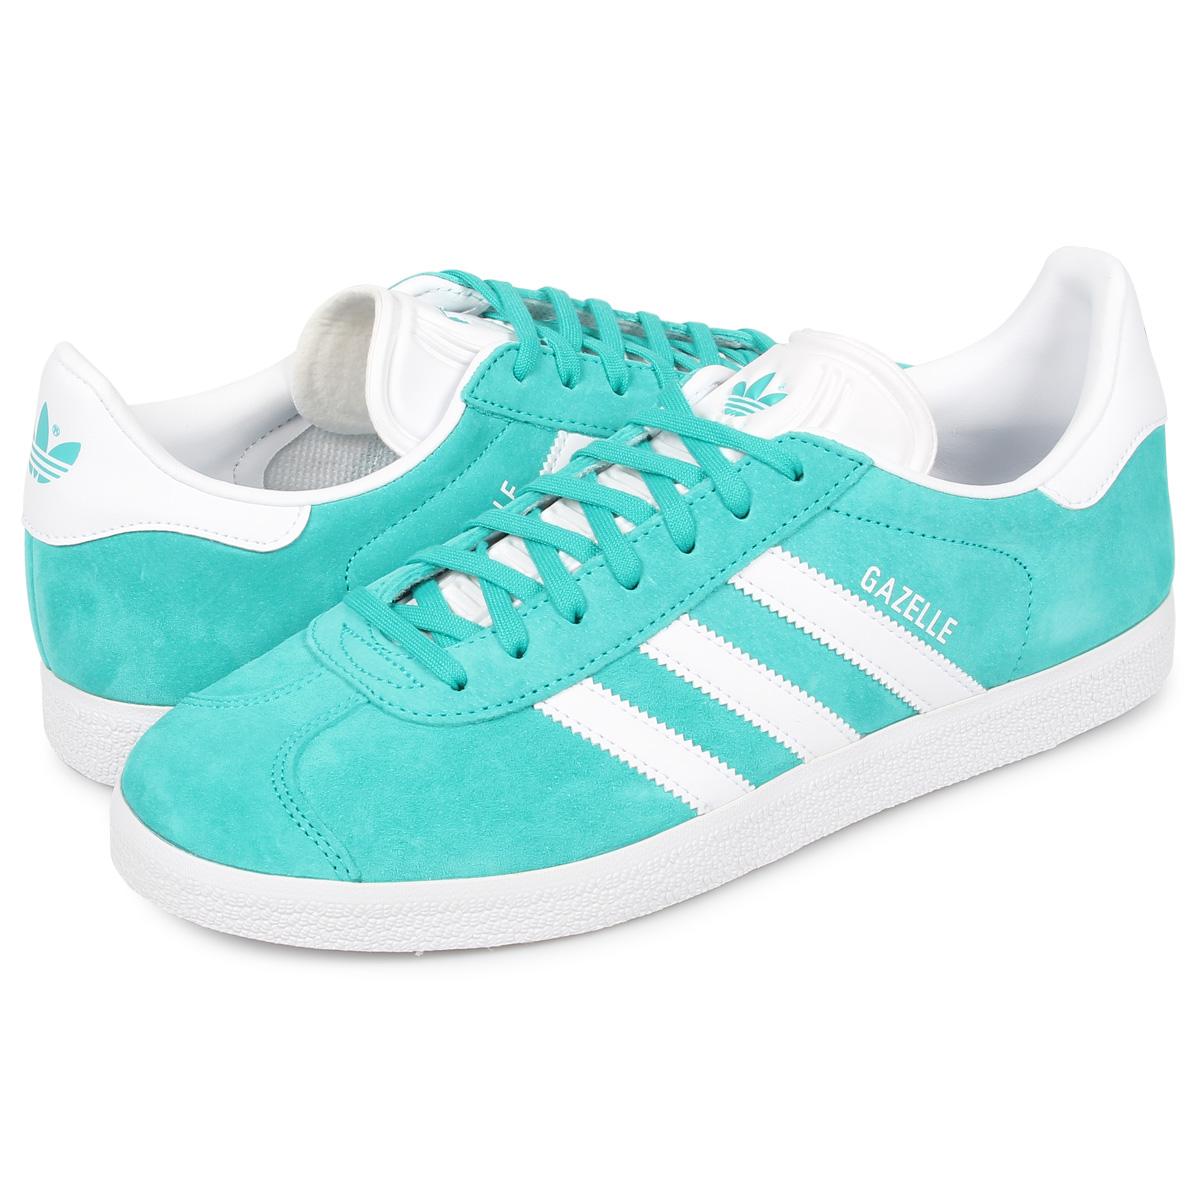 gazelle adidas turquoise